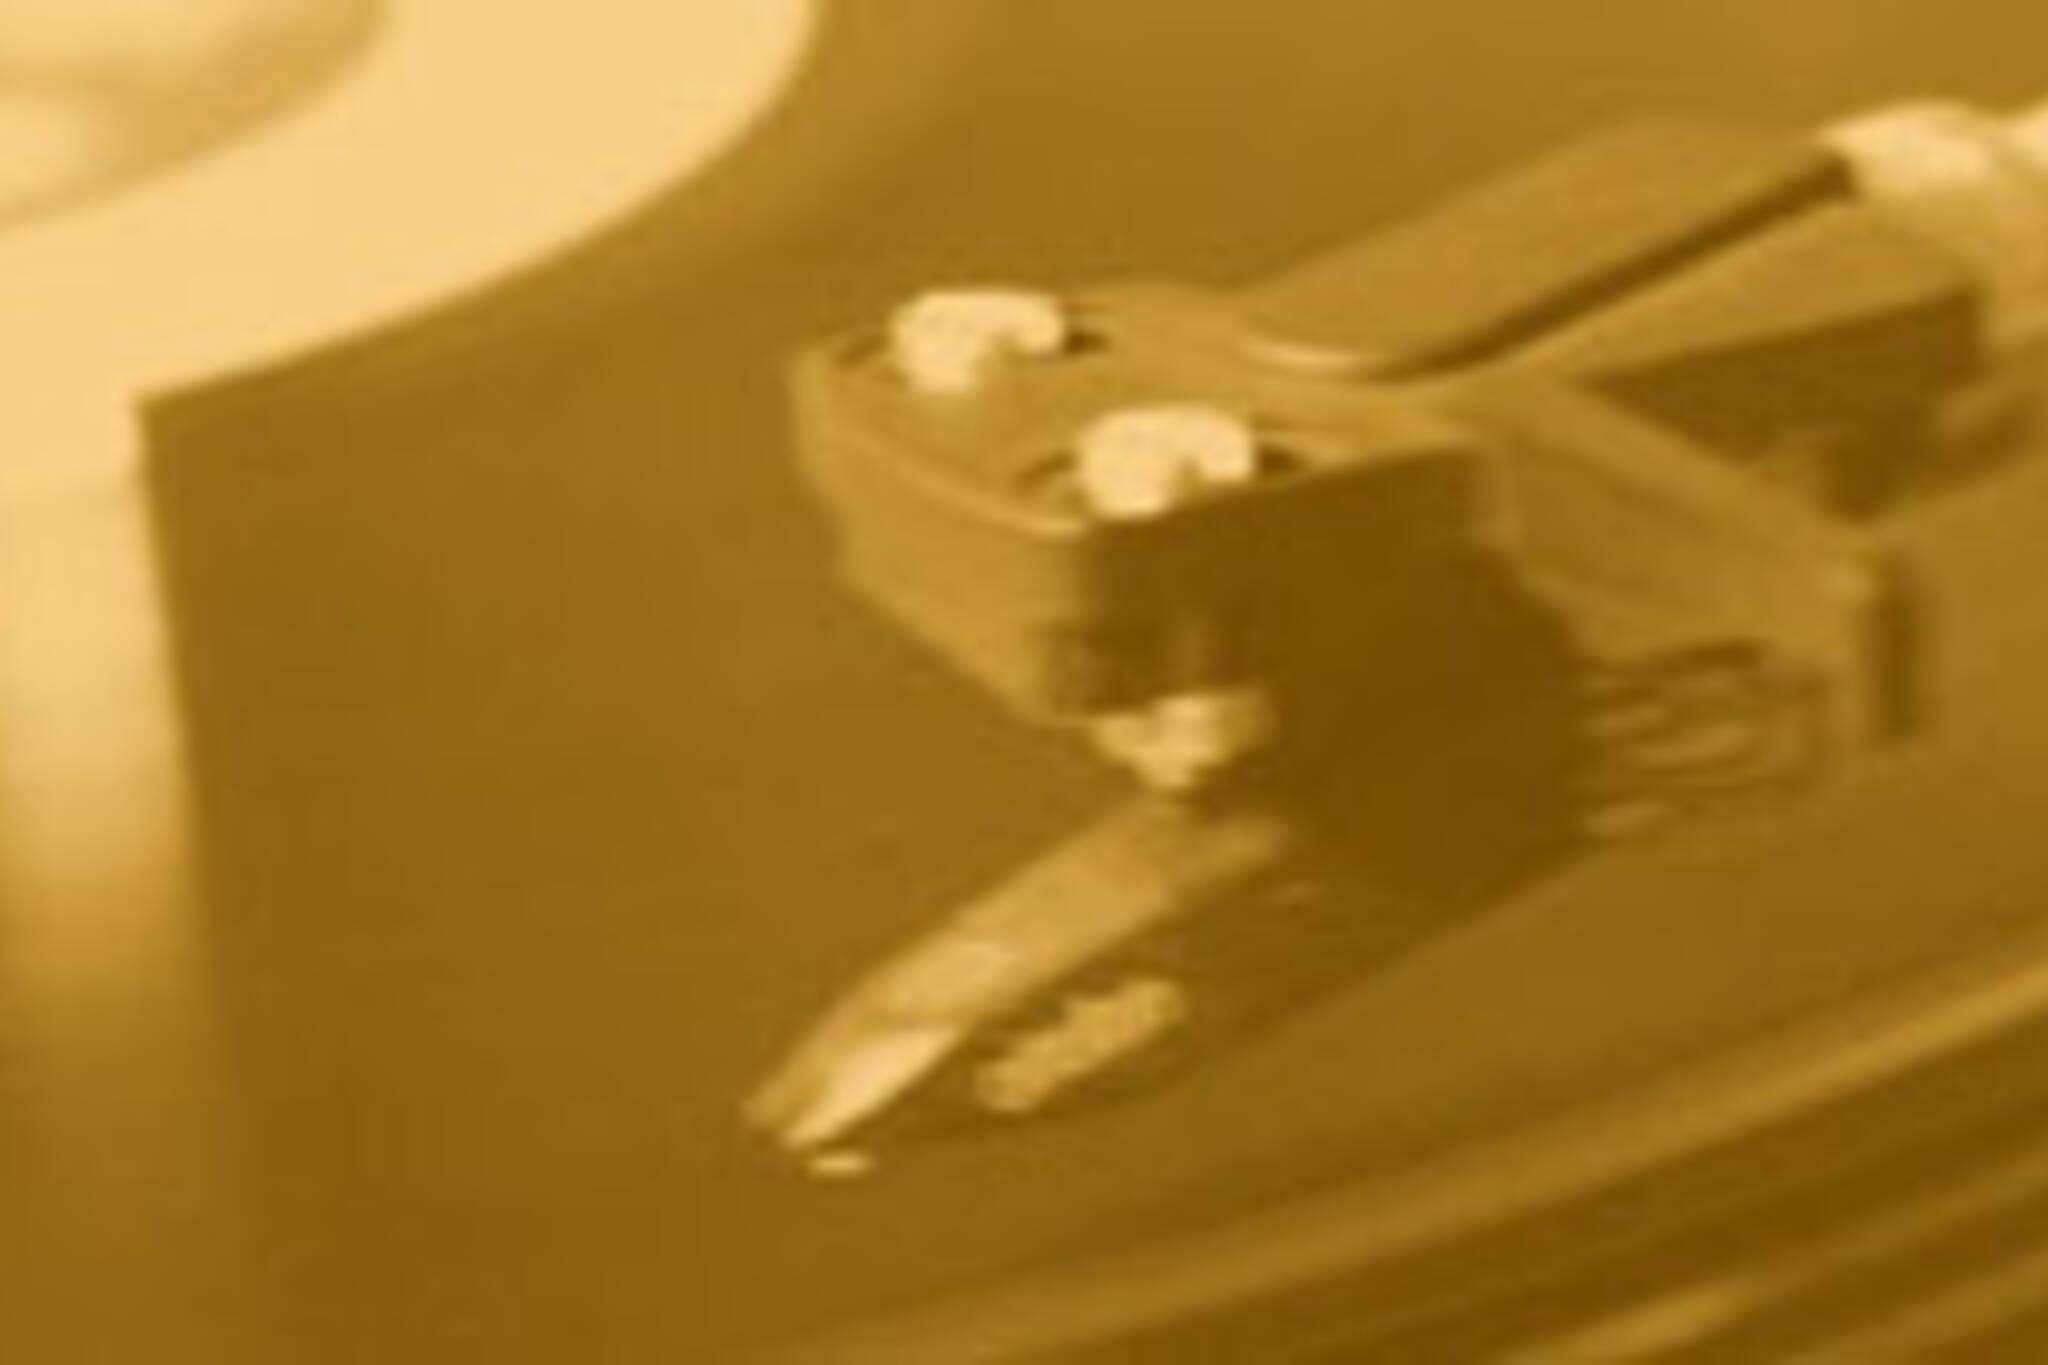 R.I.P. Vinyl Pressing in Canada